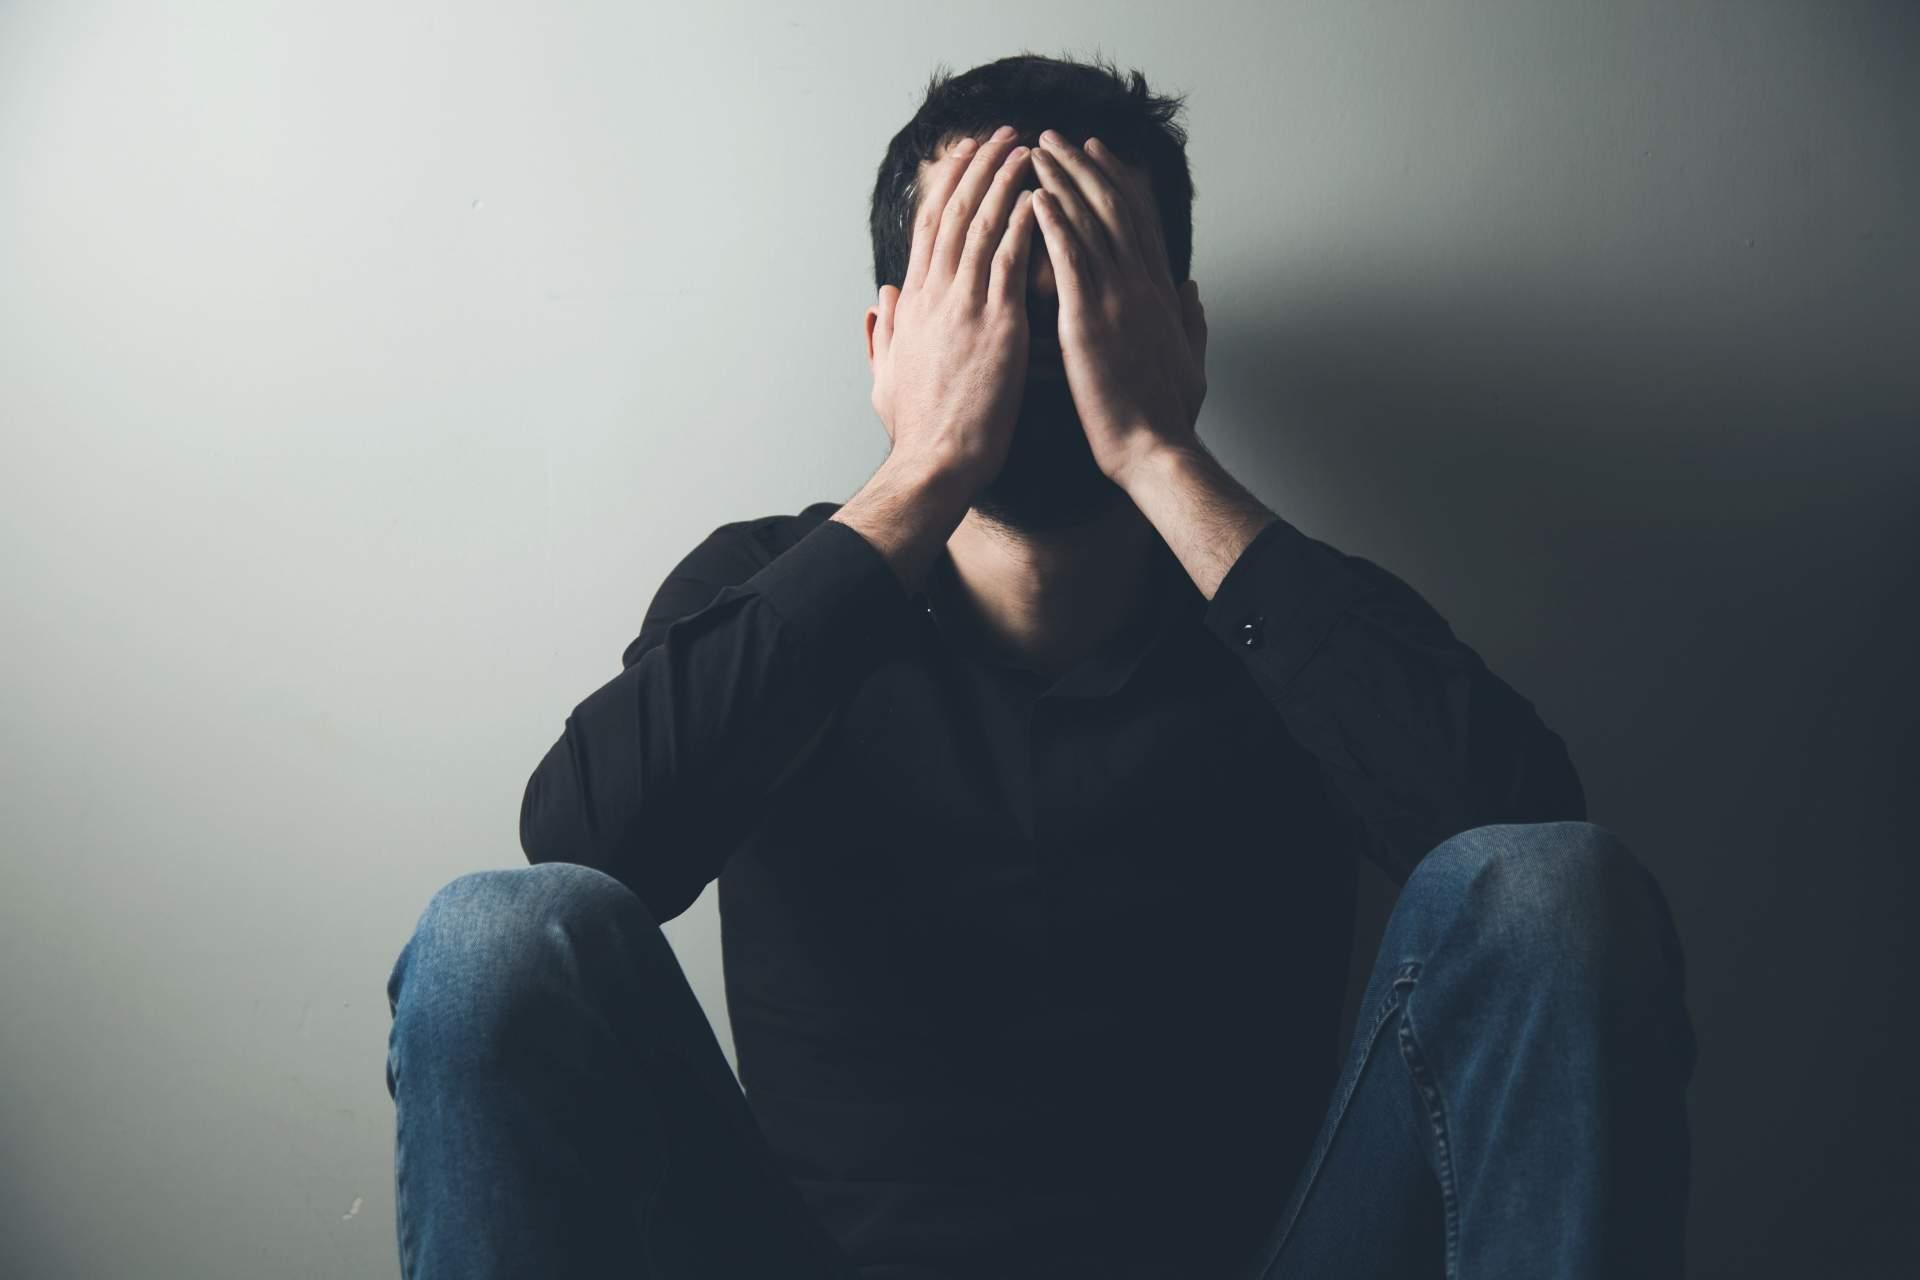 Pandemia afeta a saúde mental de quatro em cada dez brasileiros